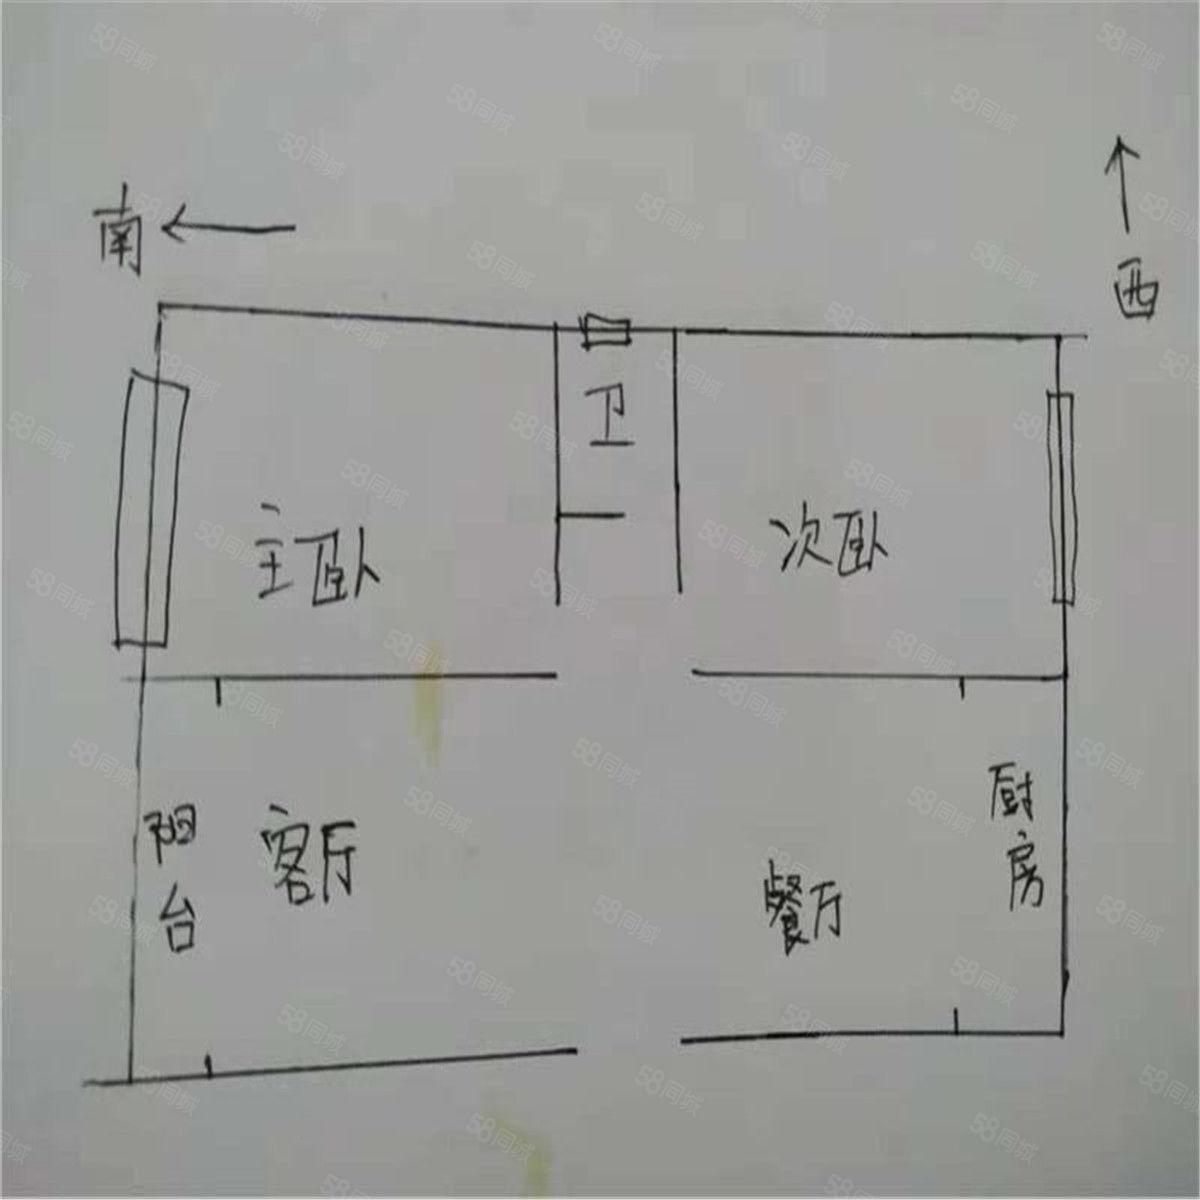 泛华新城,毛坯大两房,随时装修,看房有钥匙,有证随时过户